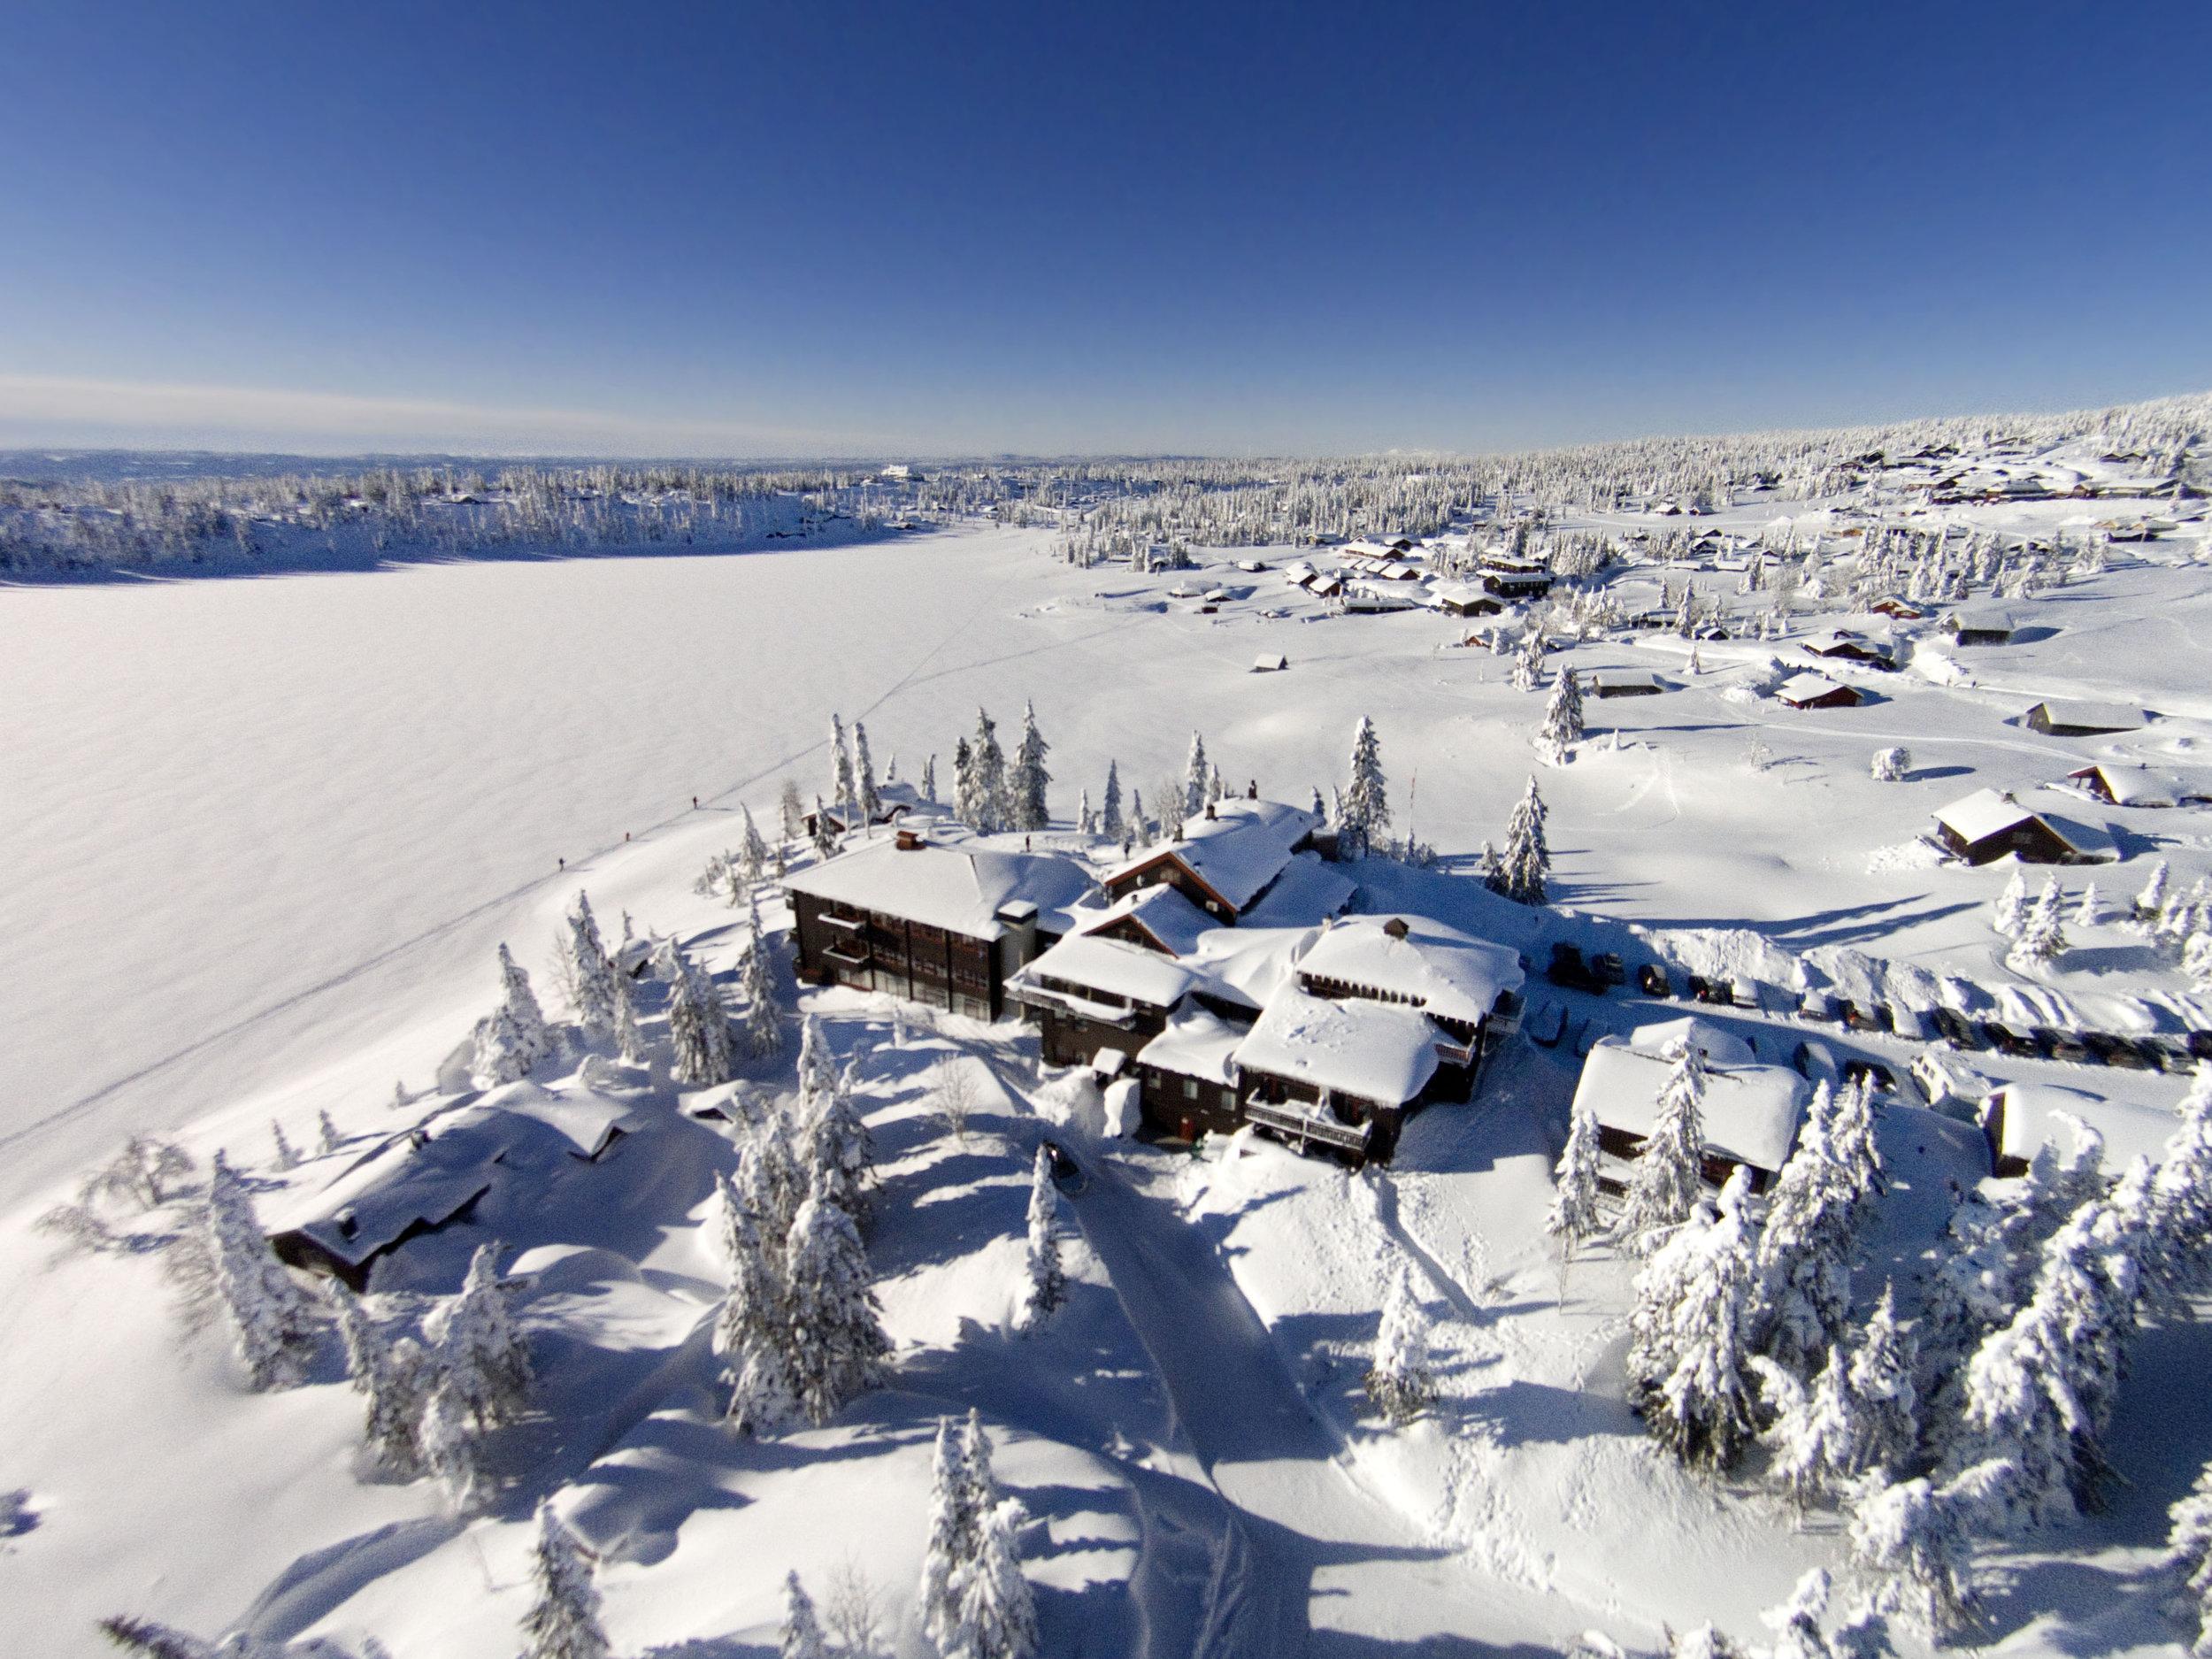 Sjusj�en 18.2.2014 DRONE Rustad Fjellstue, Sjusj�en Sport!, Pihl , Skistadion Foto: Geir Olsen